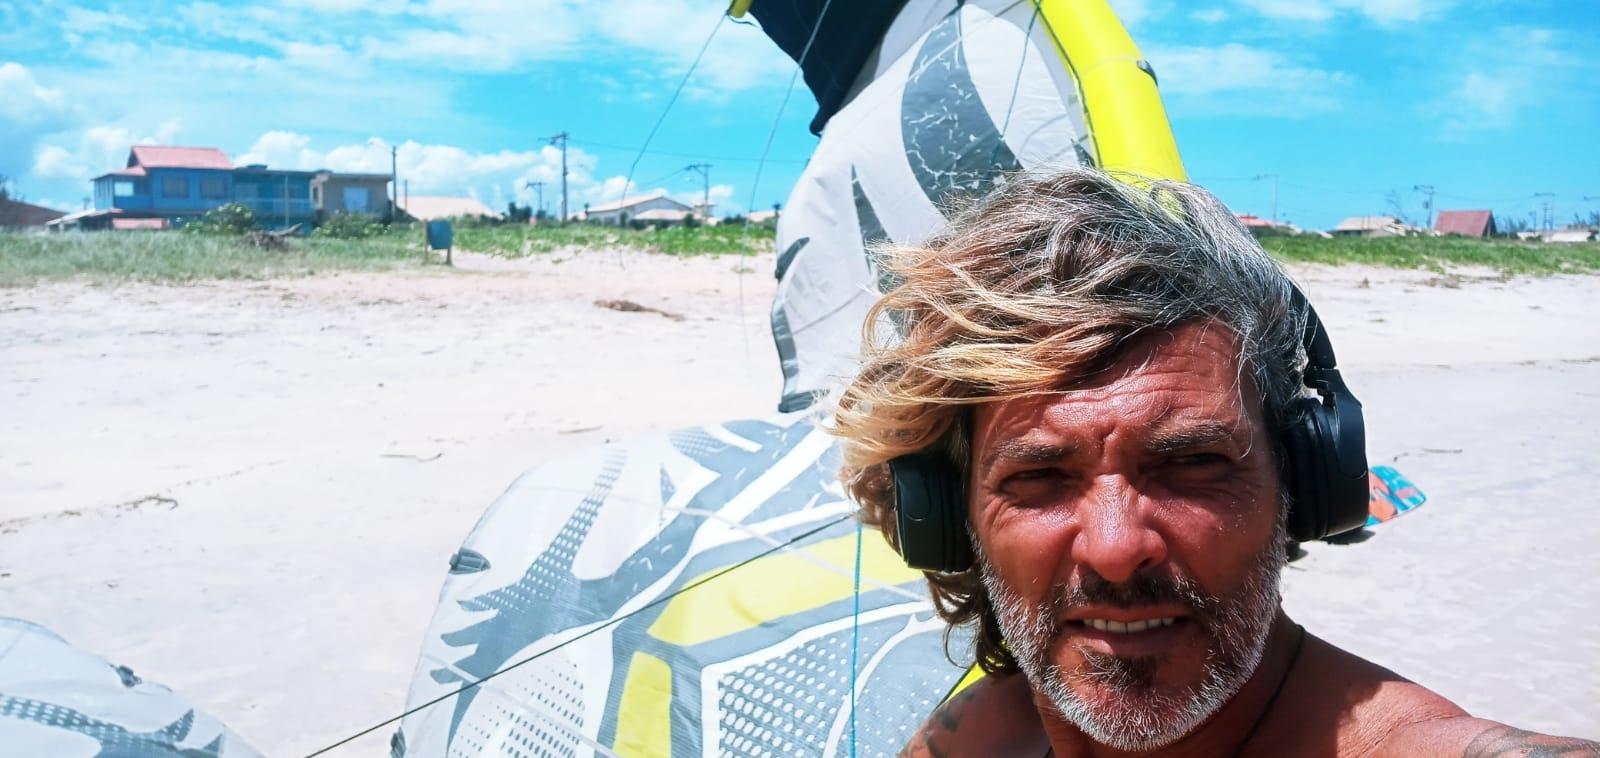 Javier preparando el equipo de kite en la playa de Unamar, Brasil.